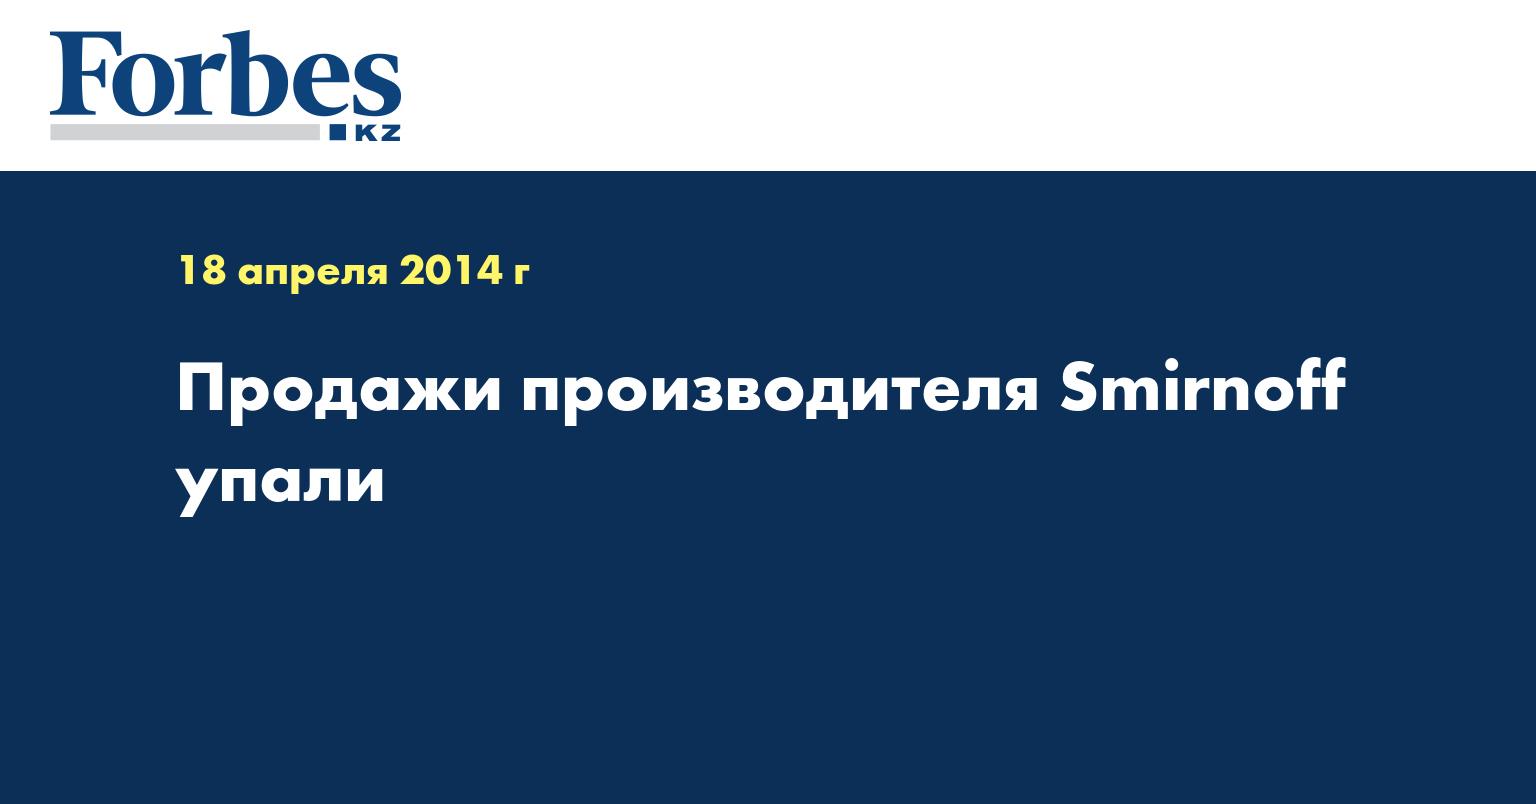 Продажи производителя Smirnoff упали